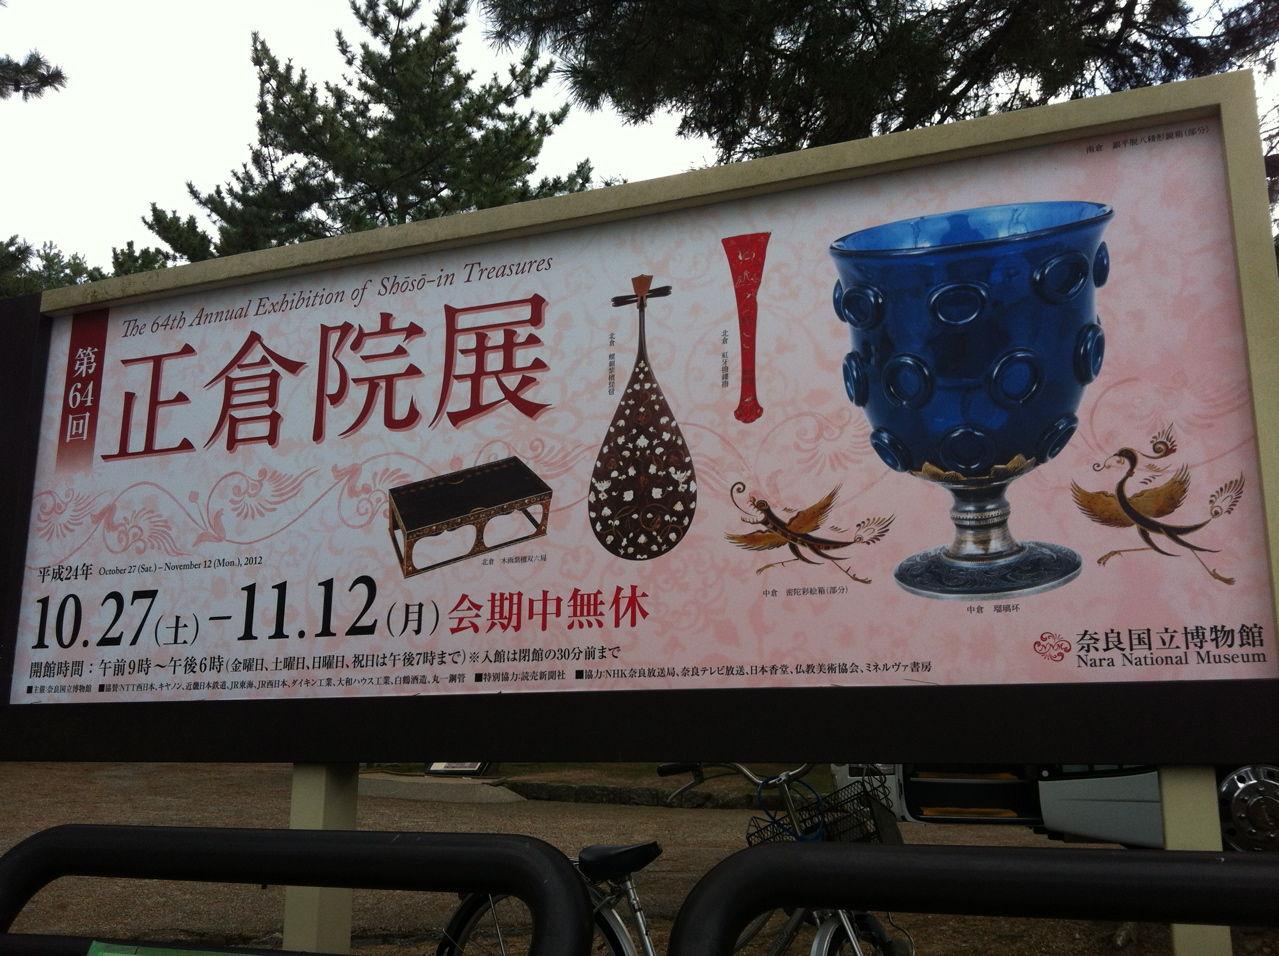 第64回正倉院展@奈良国立博物館